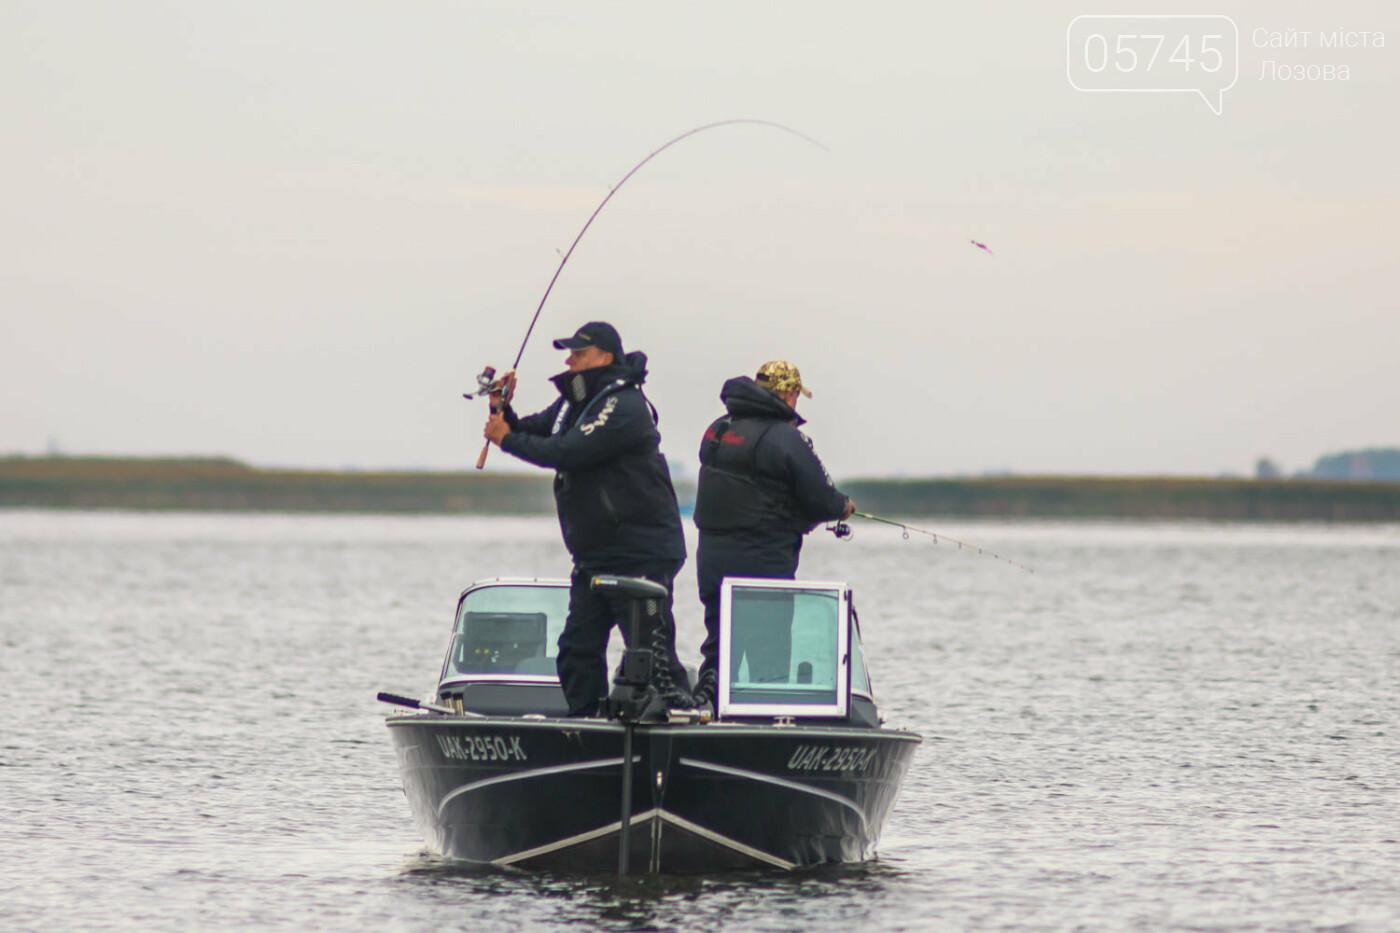 Рыболовы-спортсмены Лозовой заняли призовое место на Кубке Украины по ловле хищной рыбы, фото-11